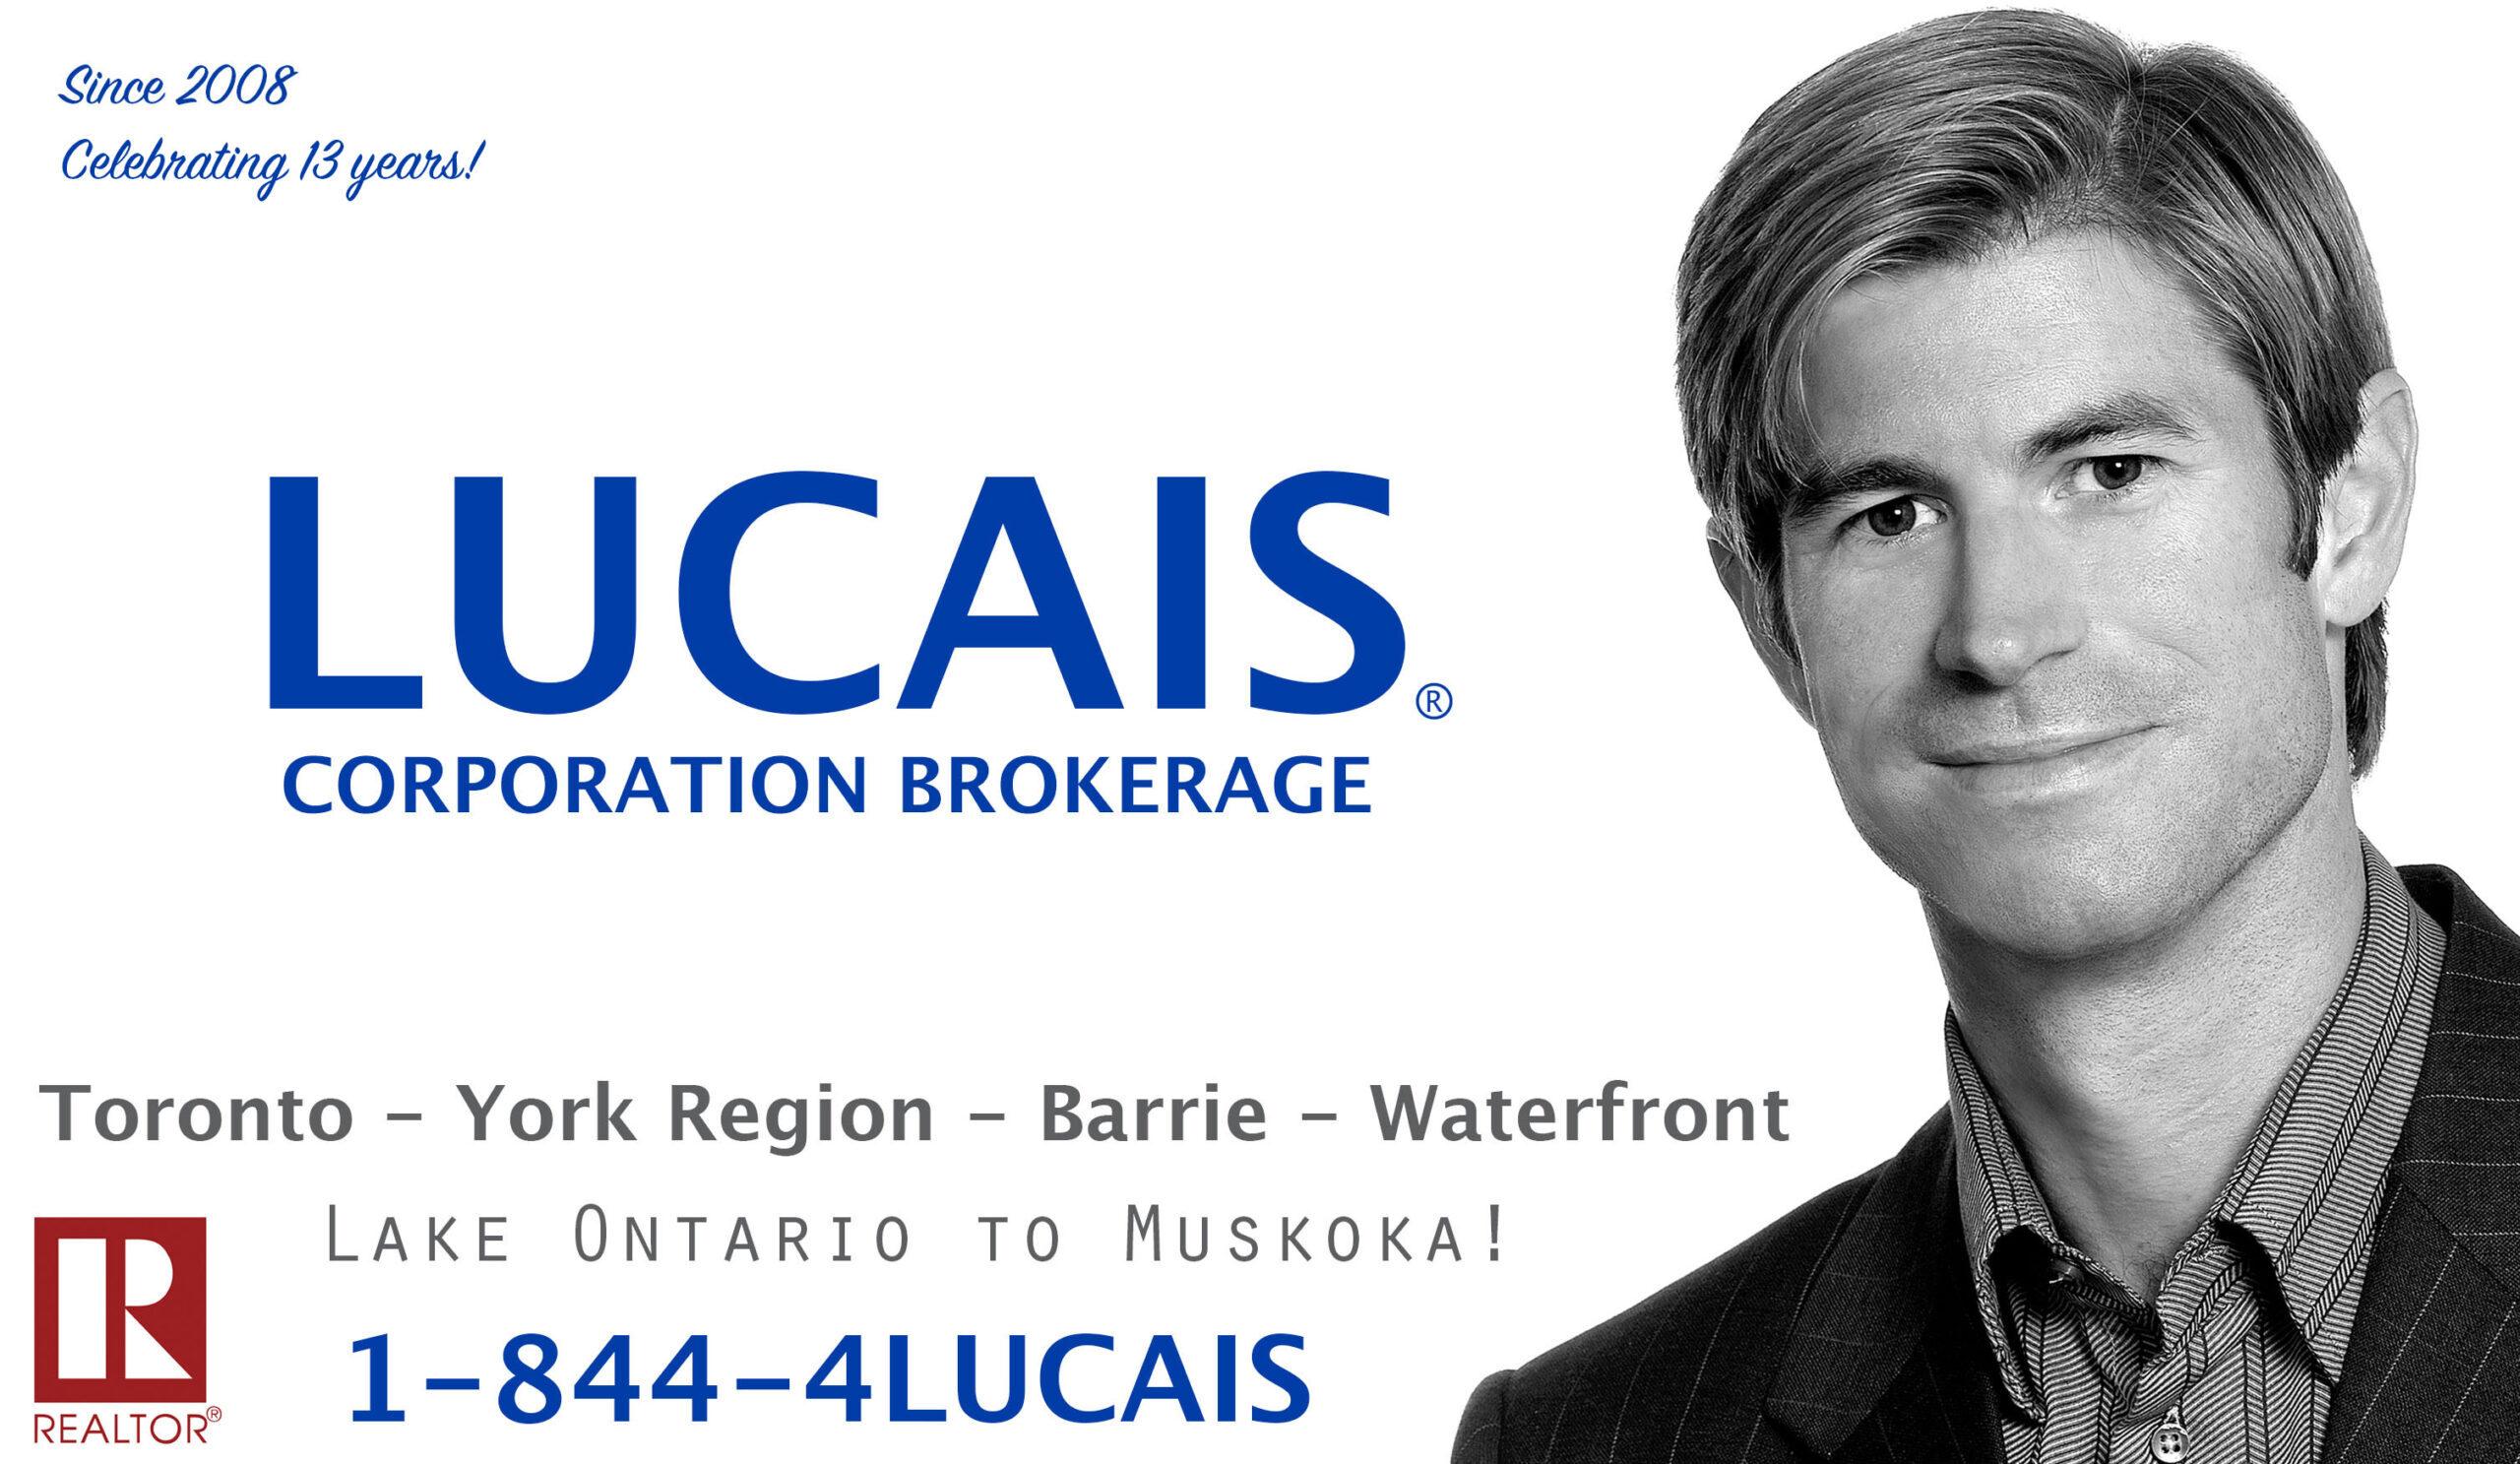 LUCAIS CORP. BROKERAGE